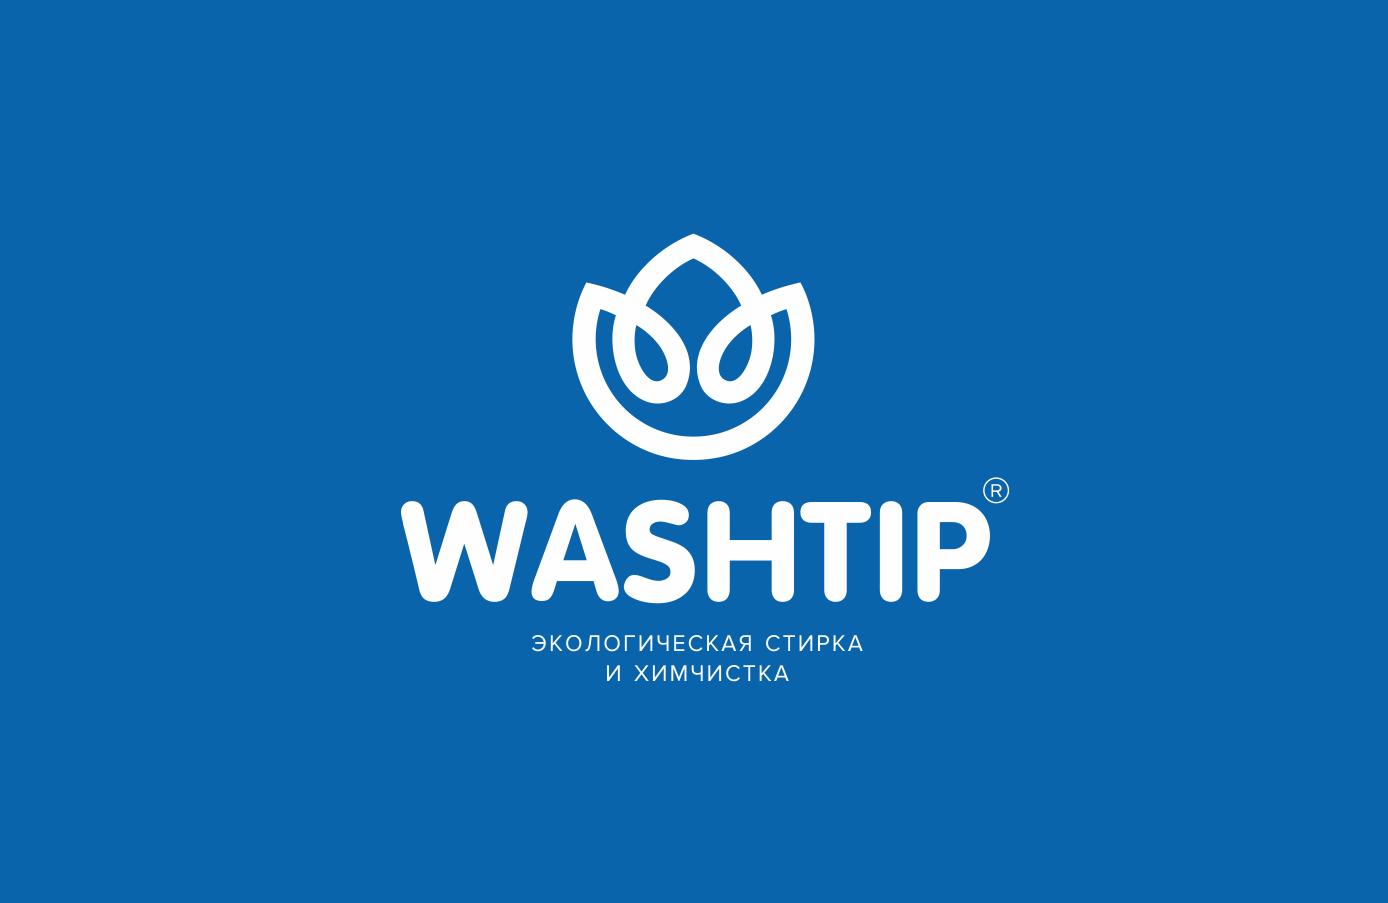 Разработка логотипа для онлайн-сервиса химчистки фото f_6205c0b918793bab.png